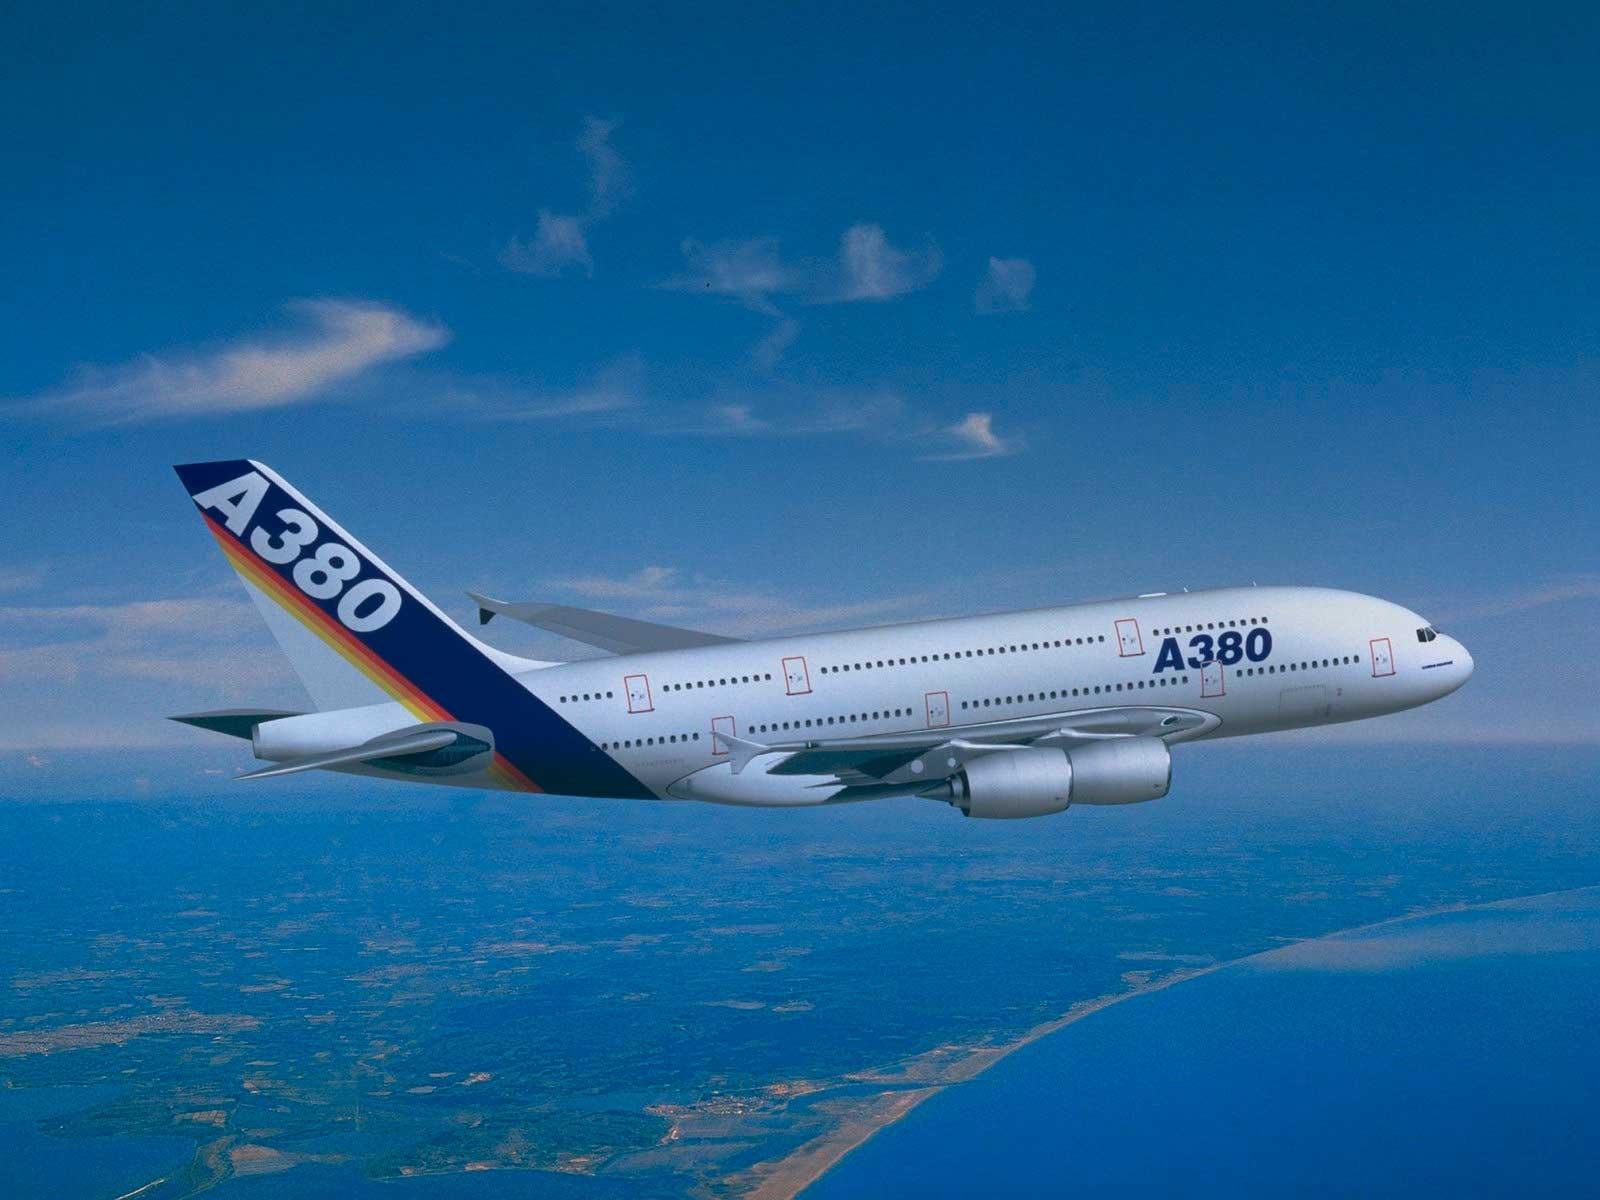 Обои авиалайнер, Singapore airlines, airbus, Самолёт, 300. Авиация foto 15